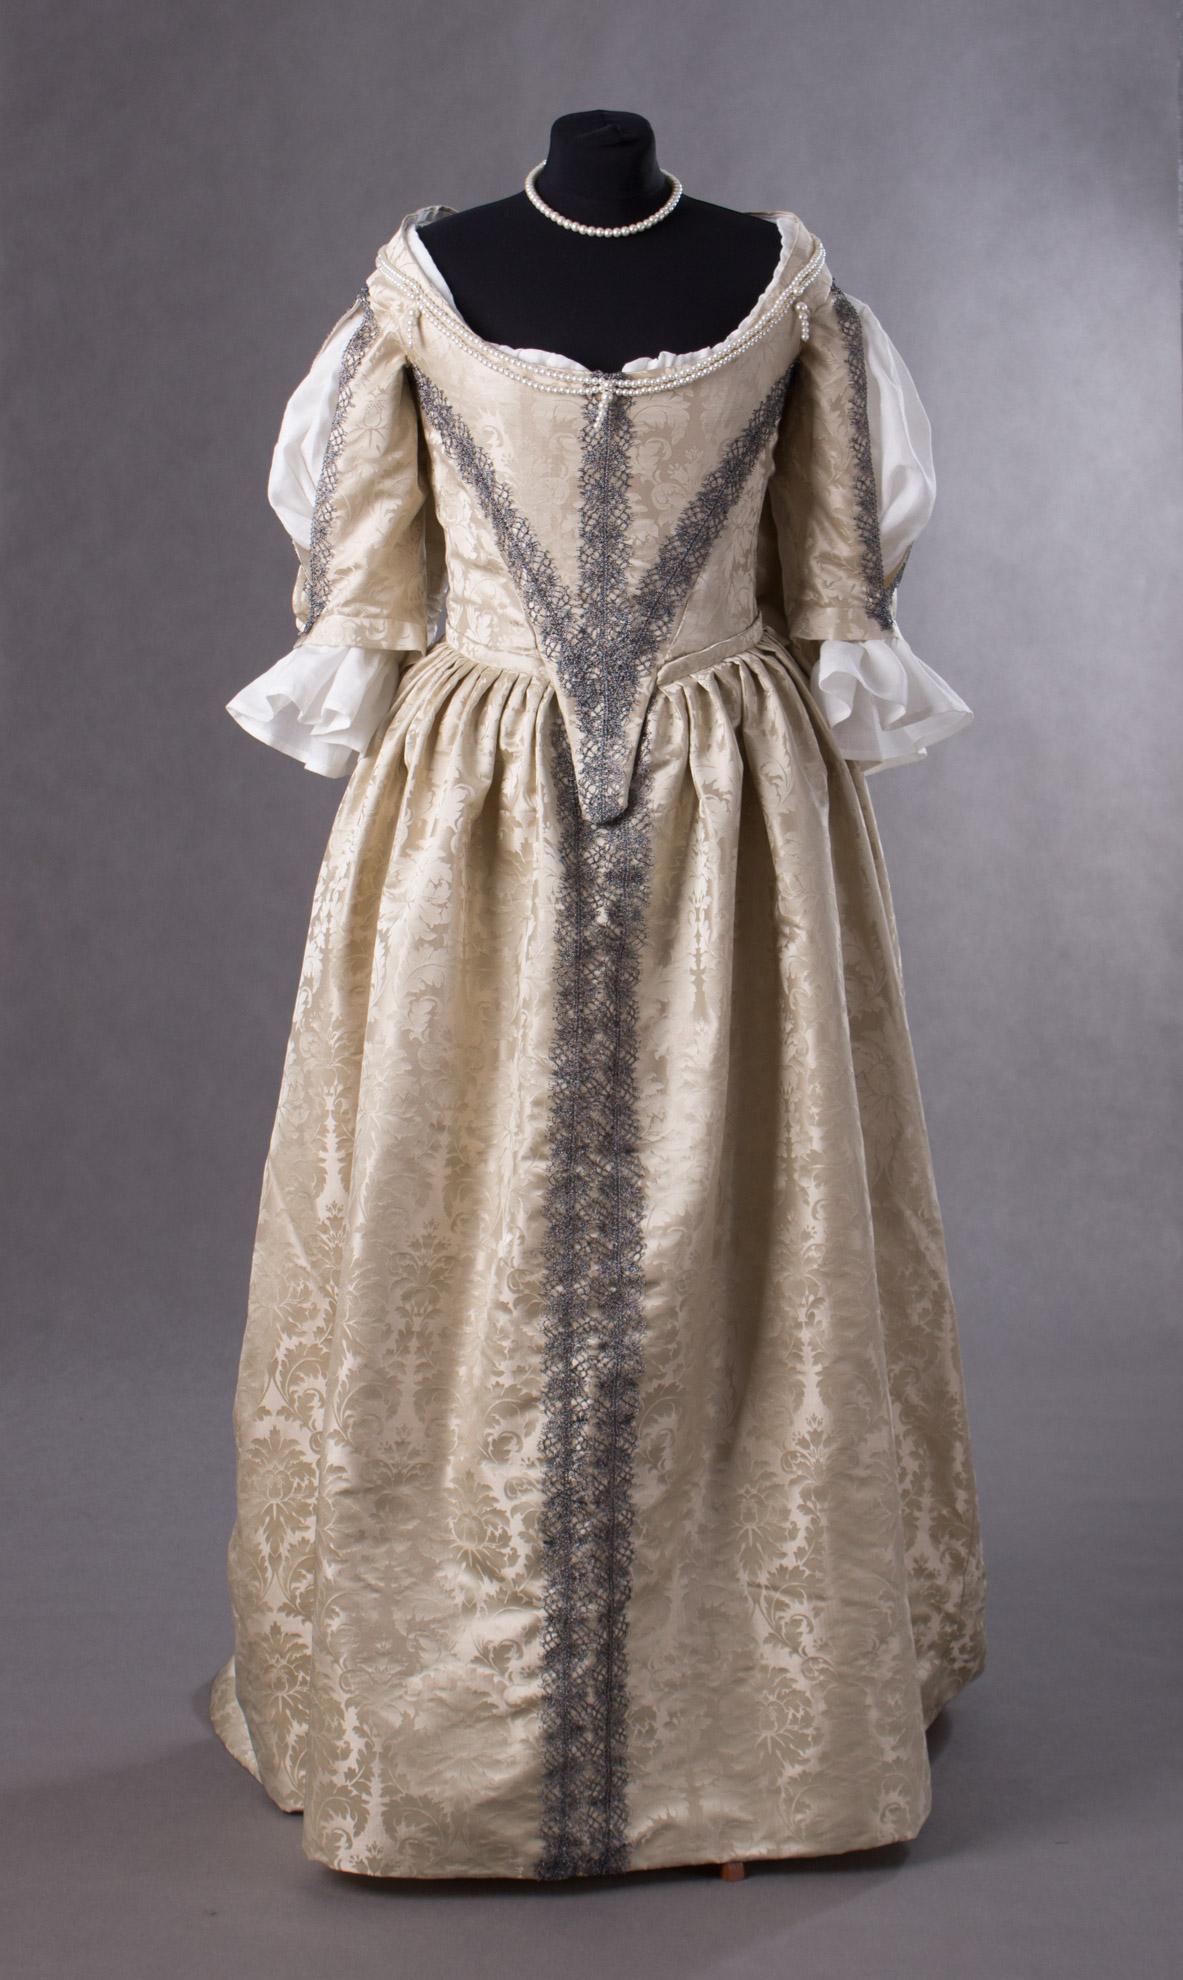 suknia-z-adamaszku-jedwabnego-1660-1-of-8